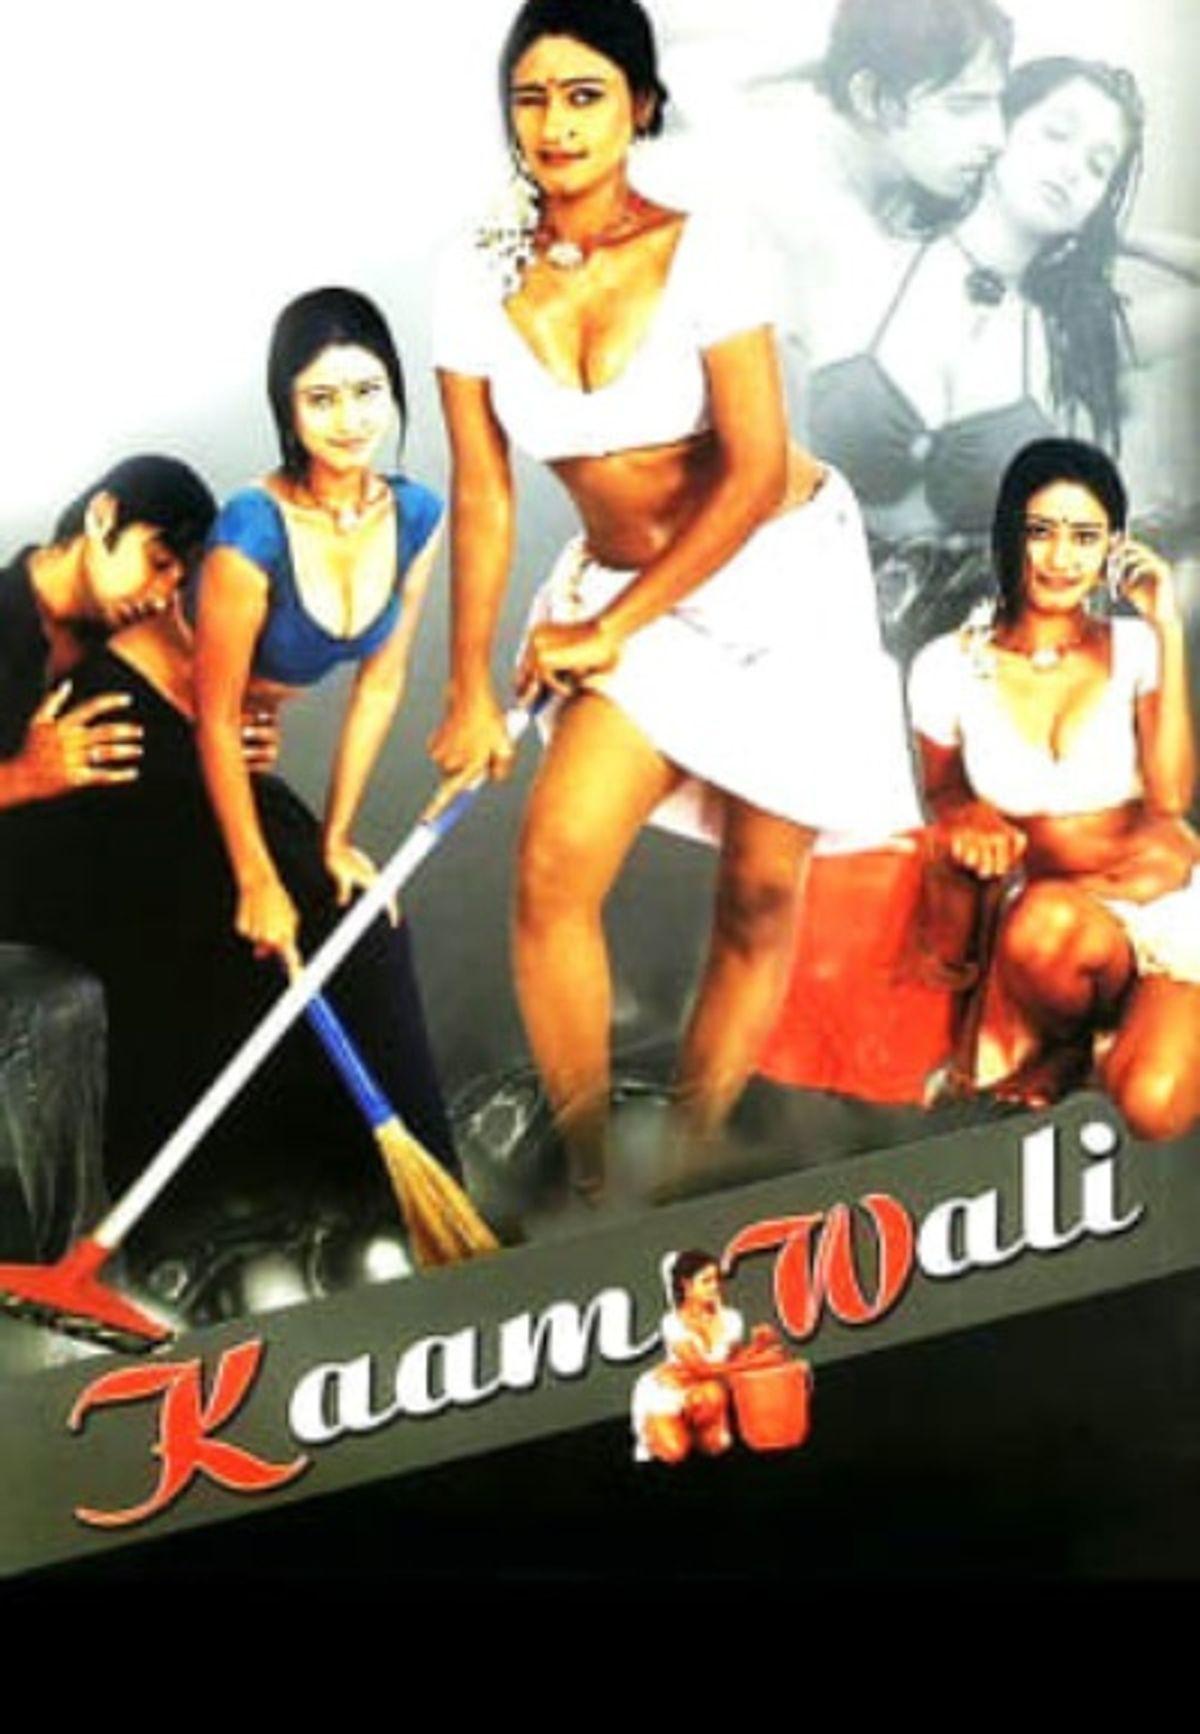 Kaamwali